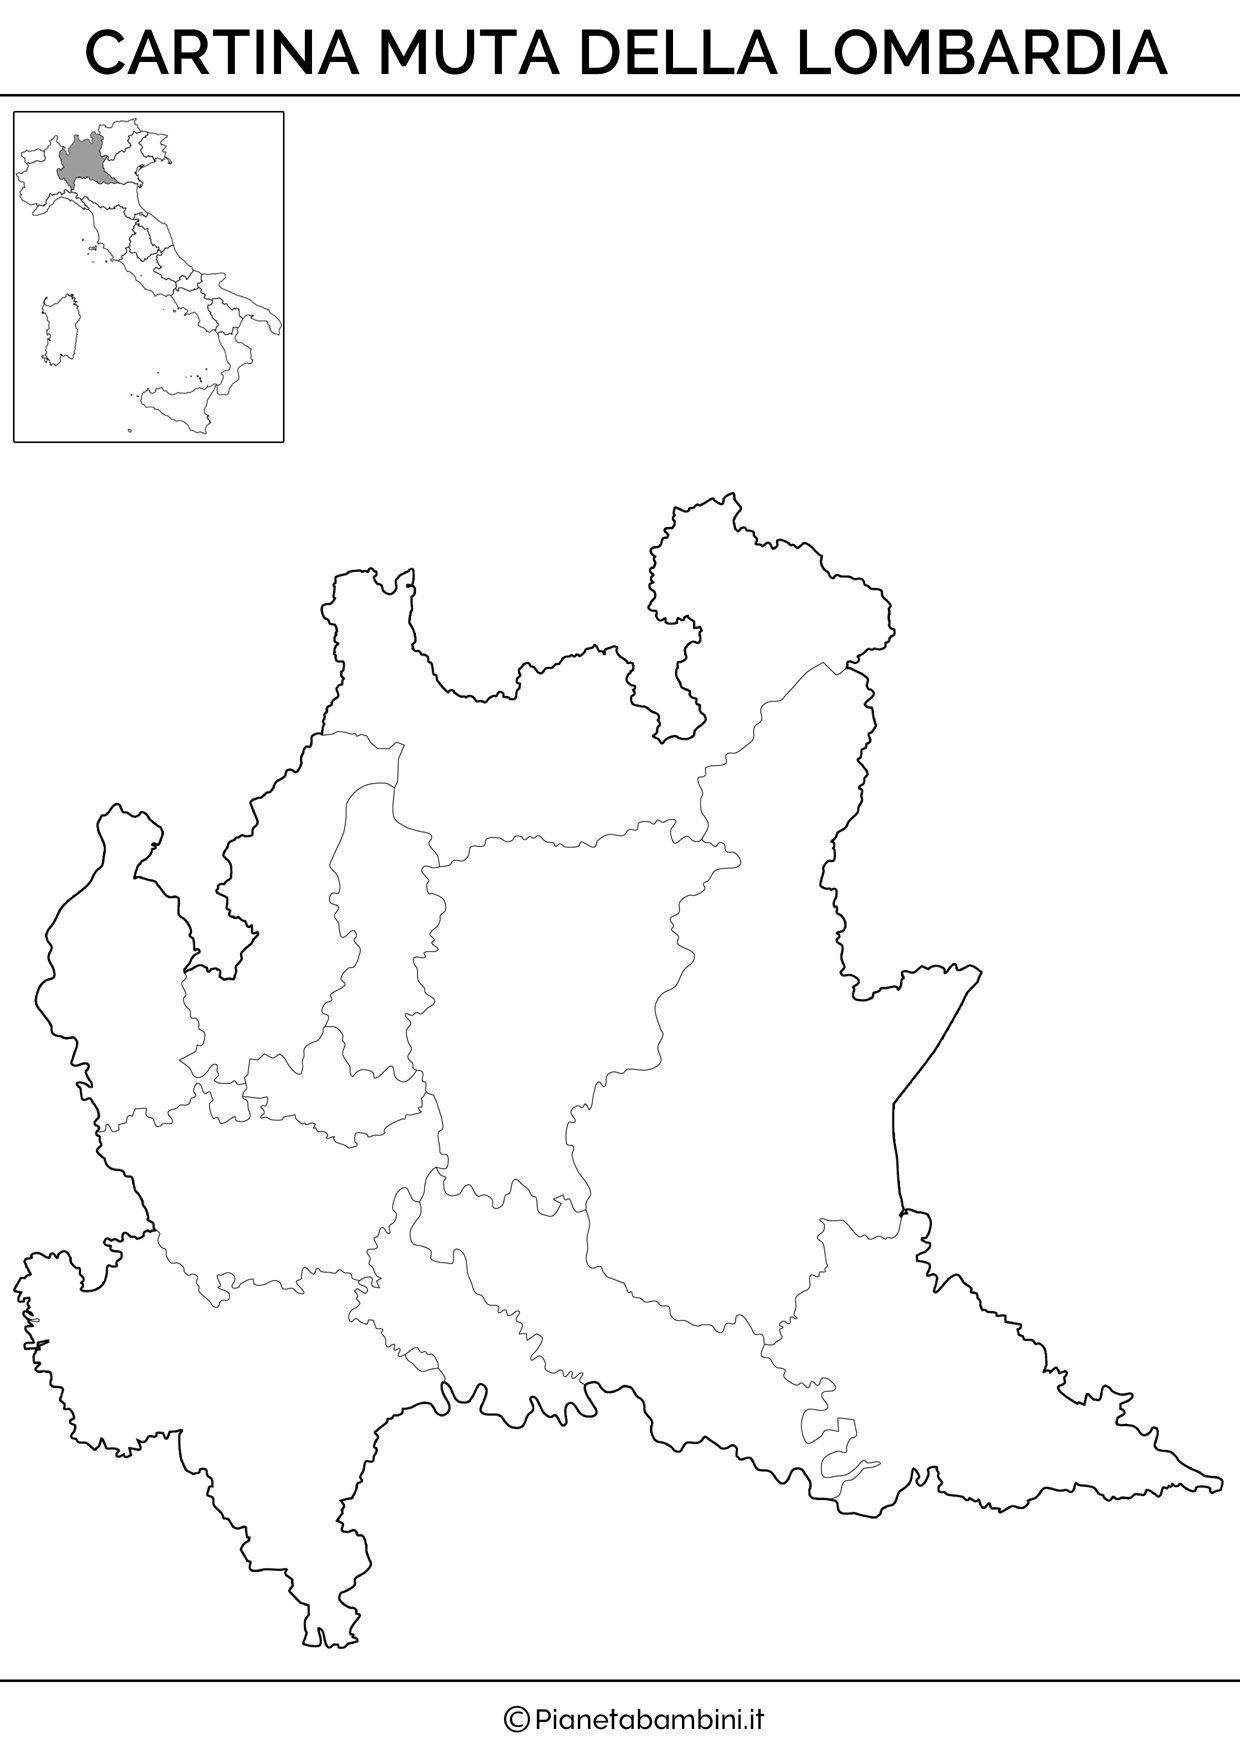 Cartina Muta Svizzera Da Stampare.30 Idee Su Geografia V Geografia Attivita Geografia L Insegnamento Della Geografia